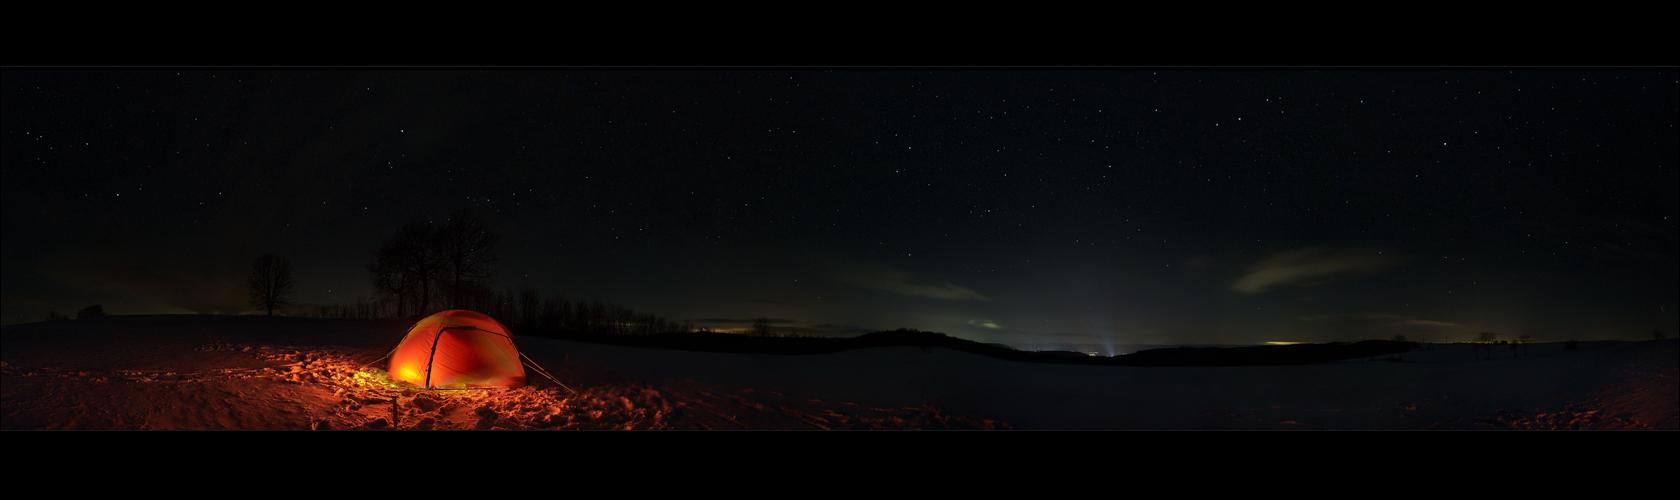 Sternchenzelters Mitternachtstraum